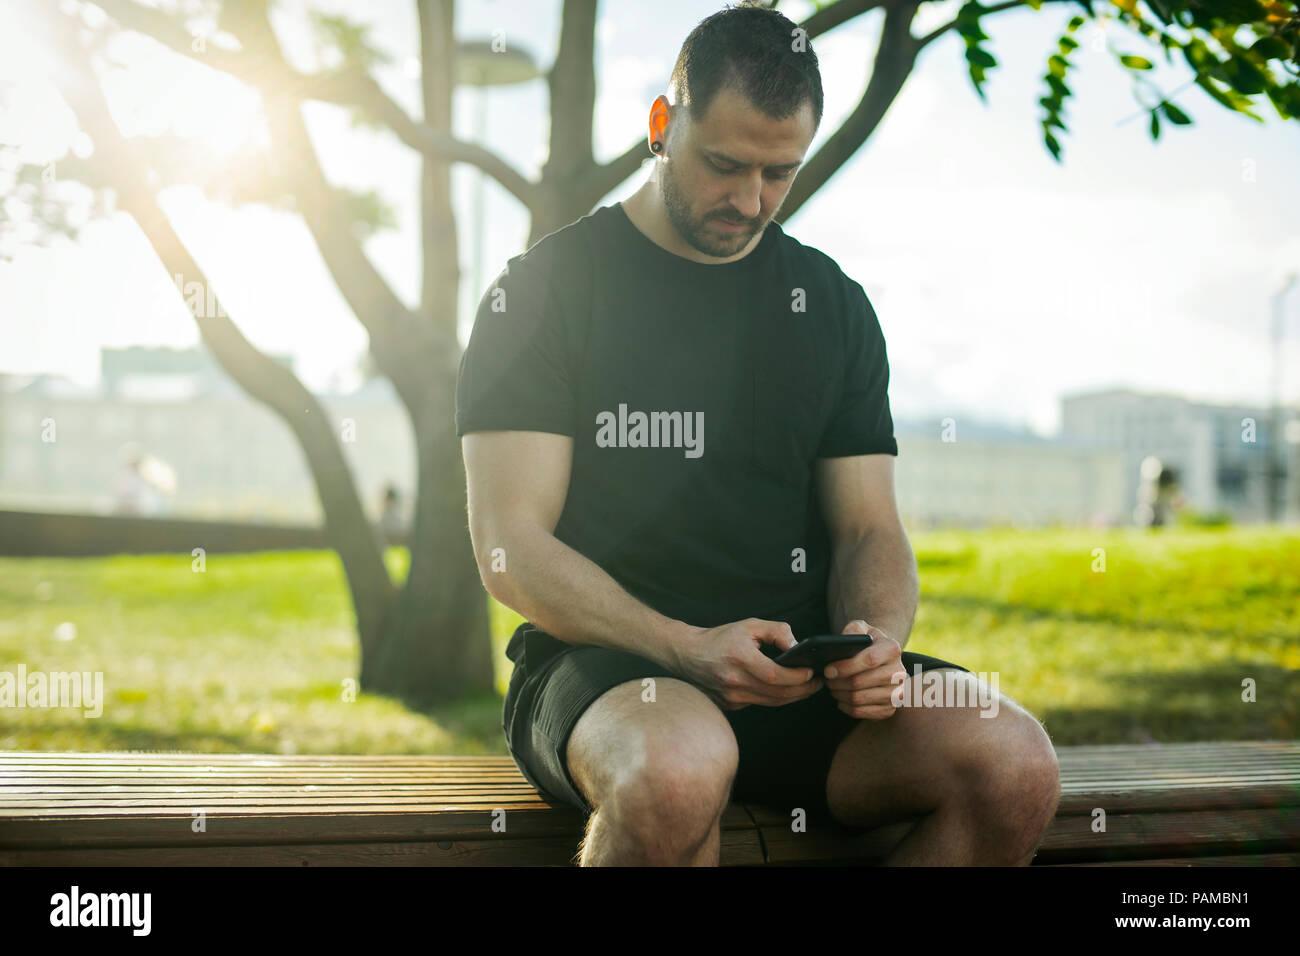 Chiusura del giovane uomo seduto al banco e la digitazione di un messaggio di testo sul telefono cellulare all'aperto nel parco. Vista frontale. Foto Stock